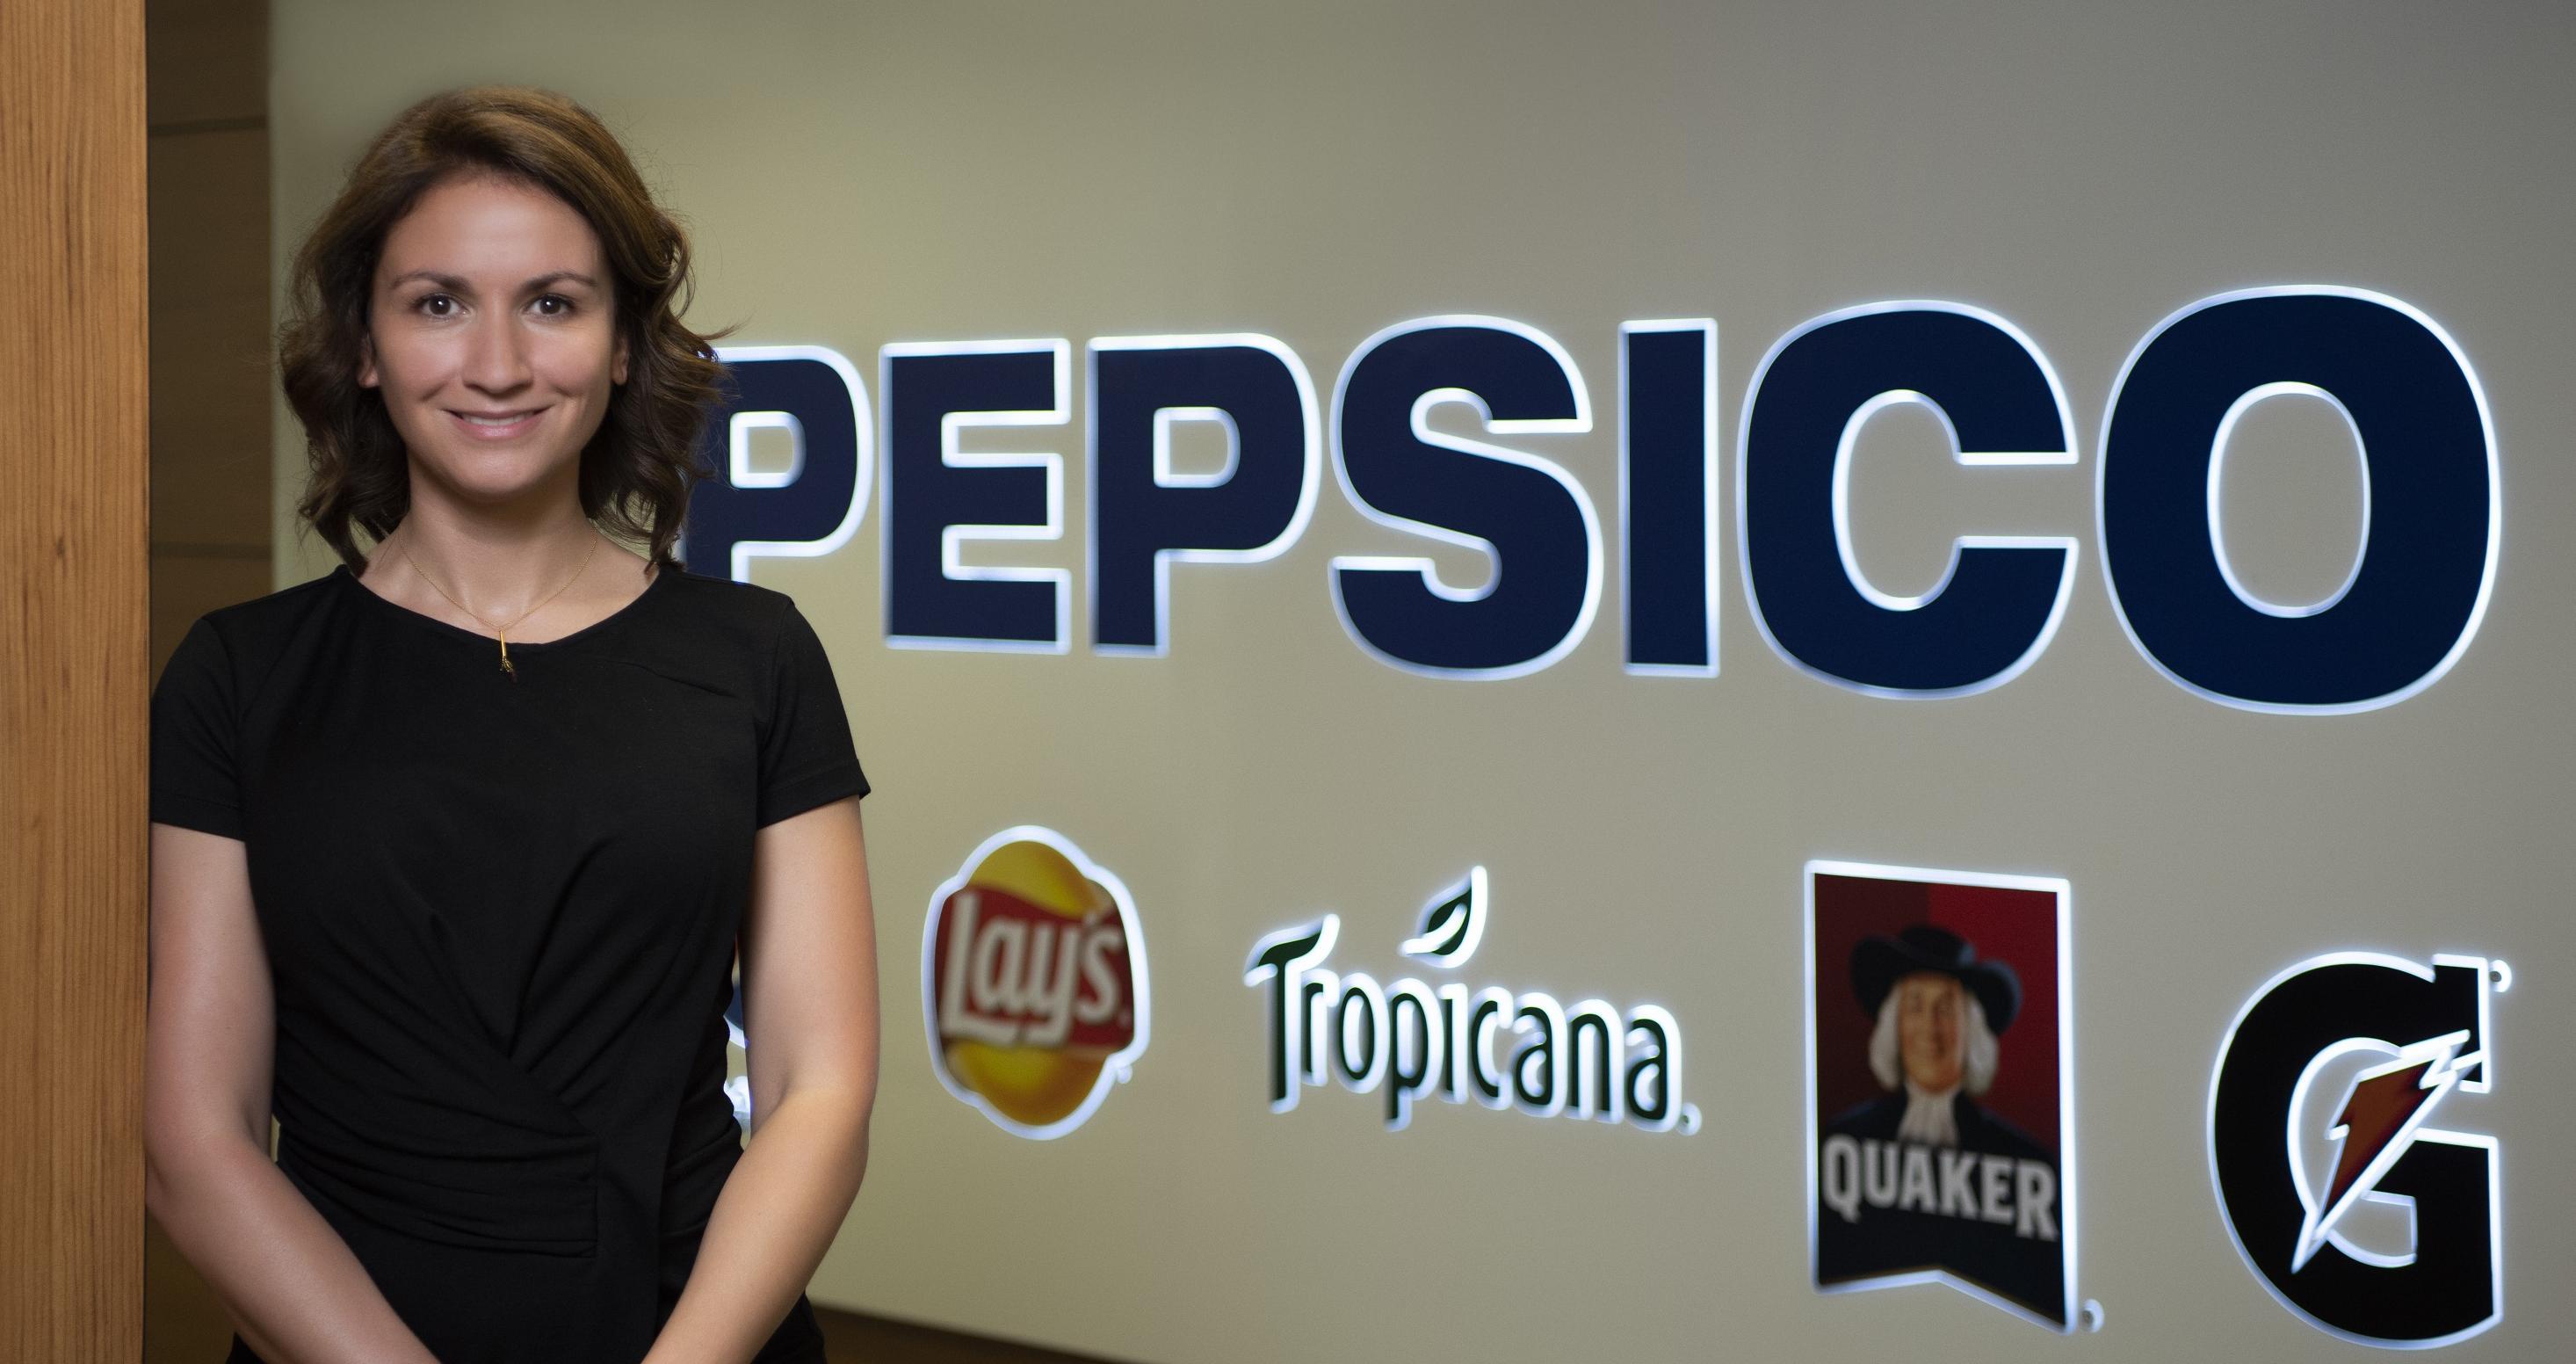 PepsiCo 2019 Yılı En İyi İşverenlerinden biri seçildi